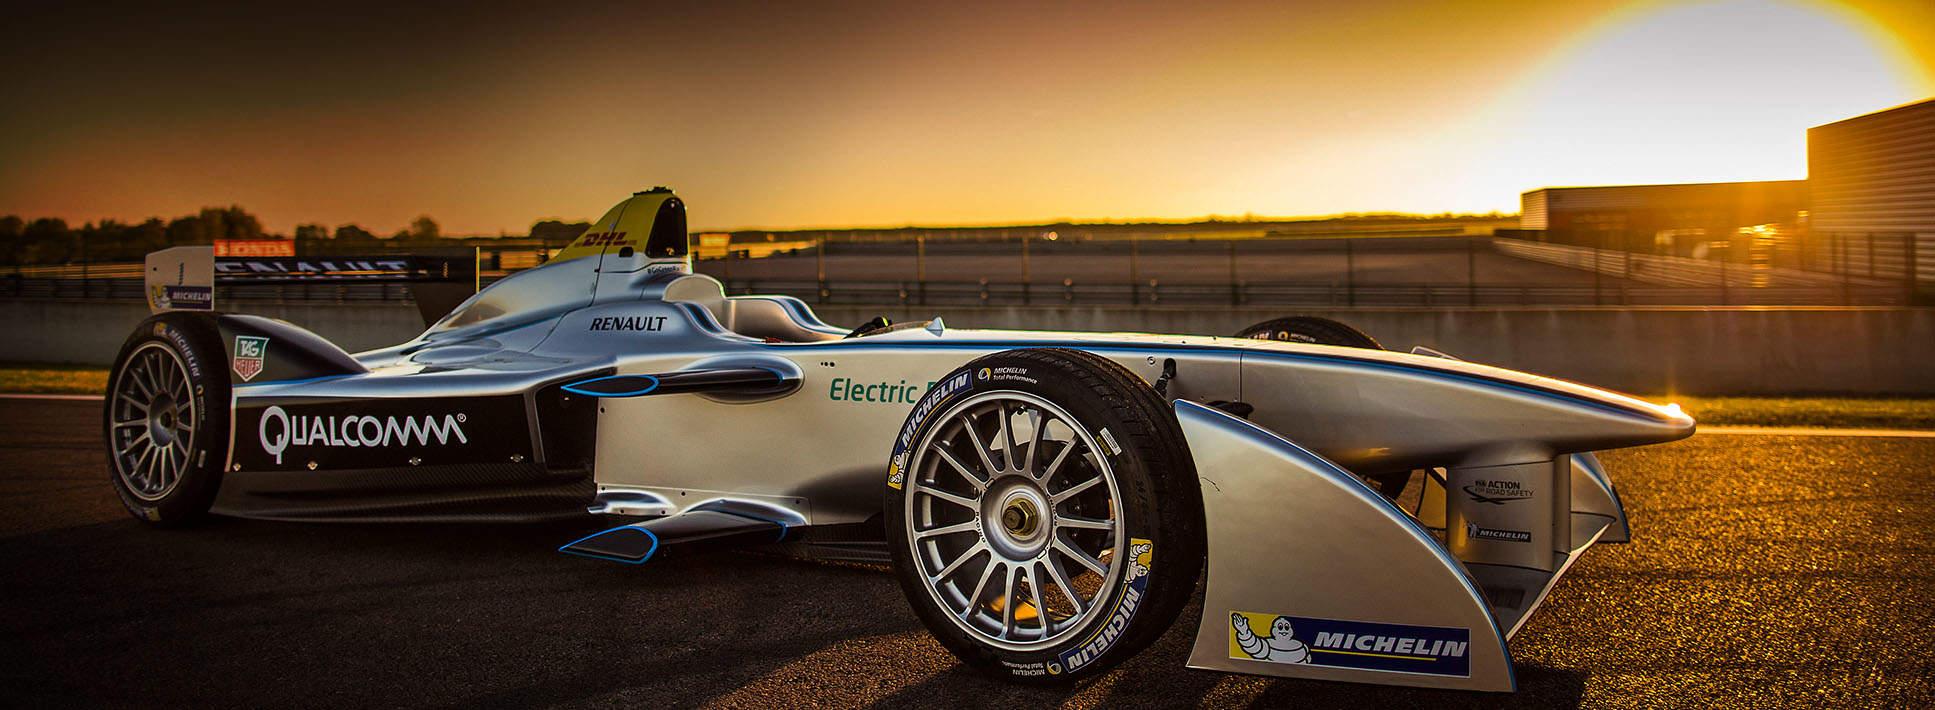 Formula E, Queen's Awards